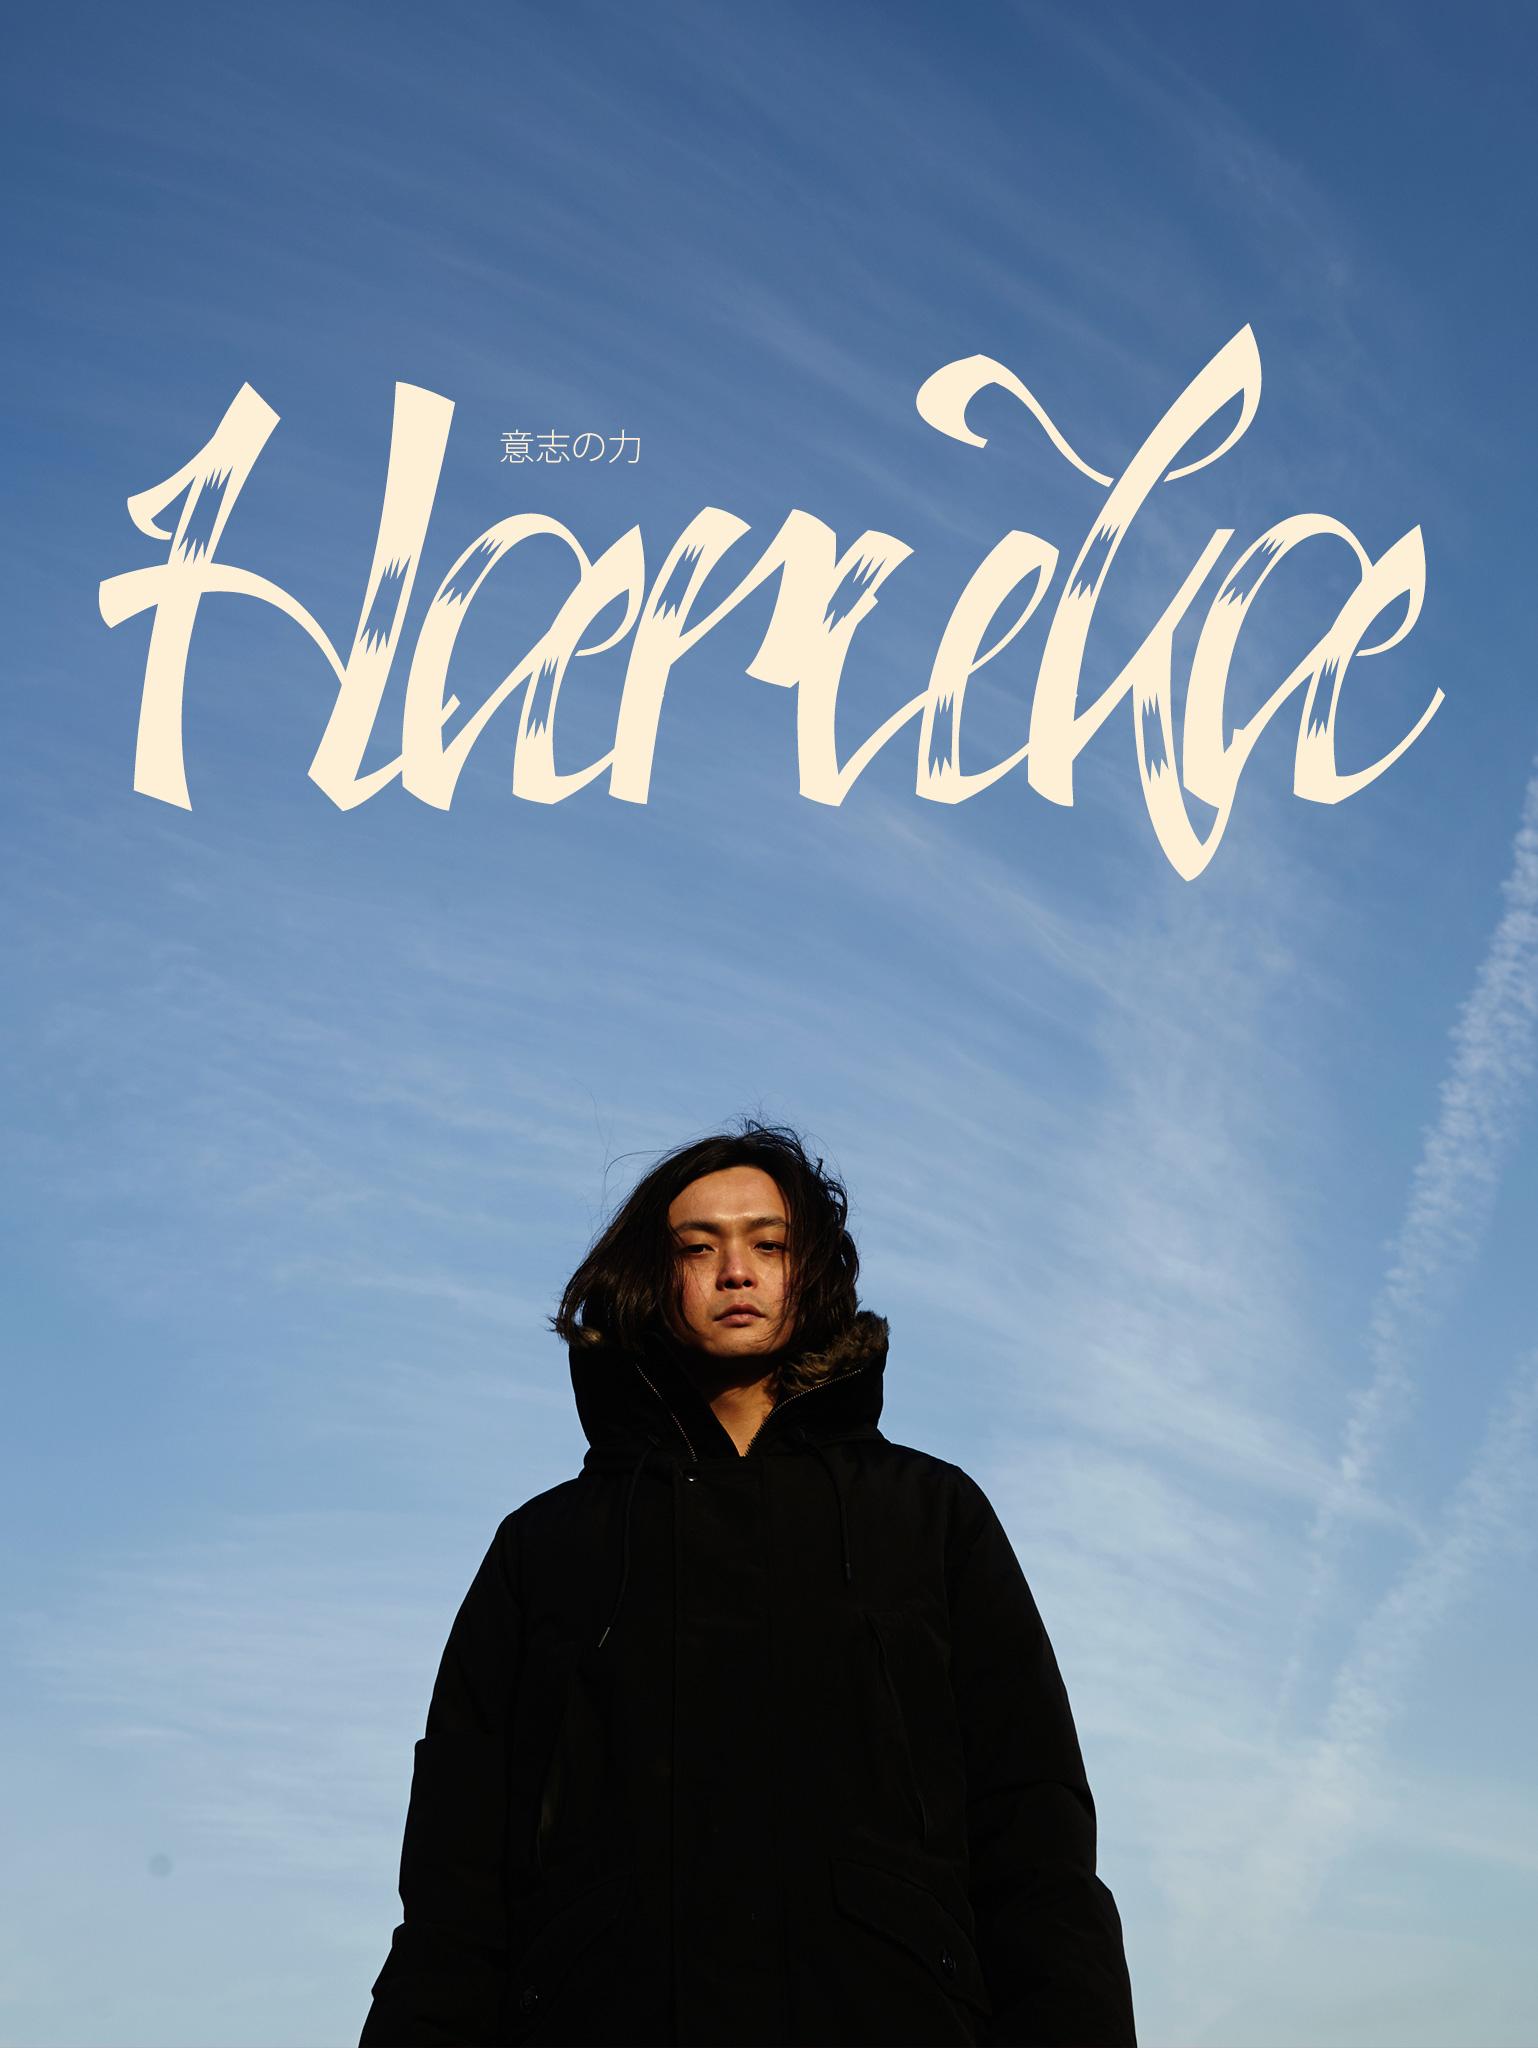 Haruka: 意志の力